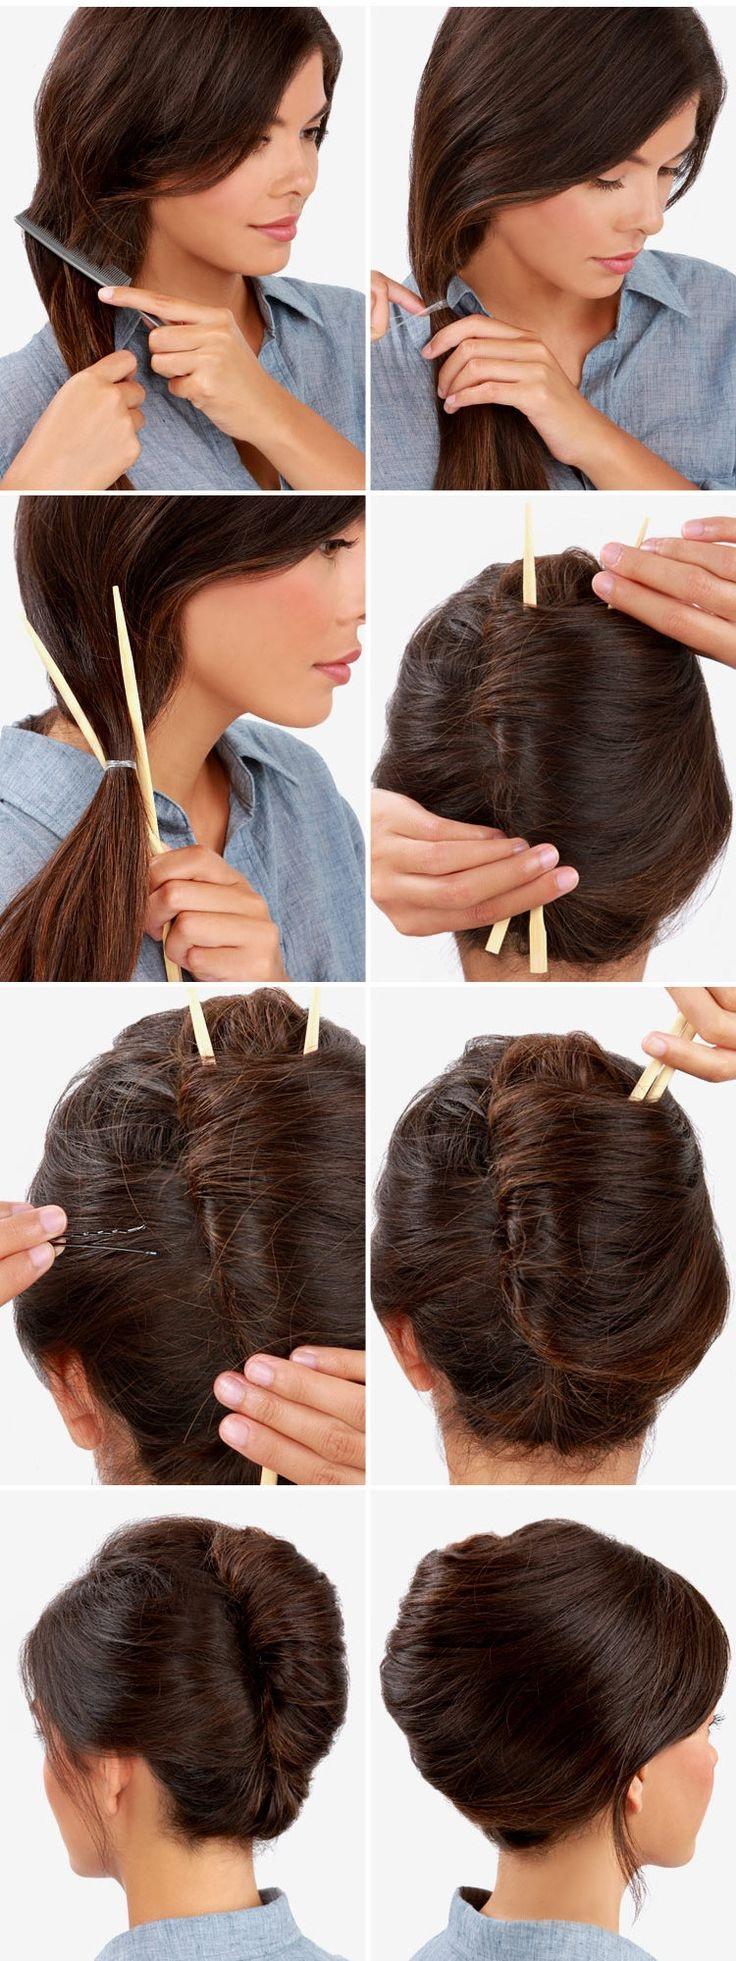 coiffure-facile-23